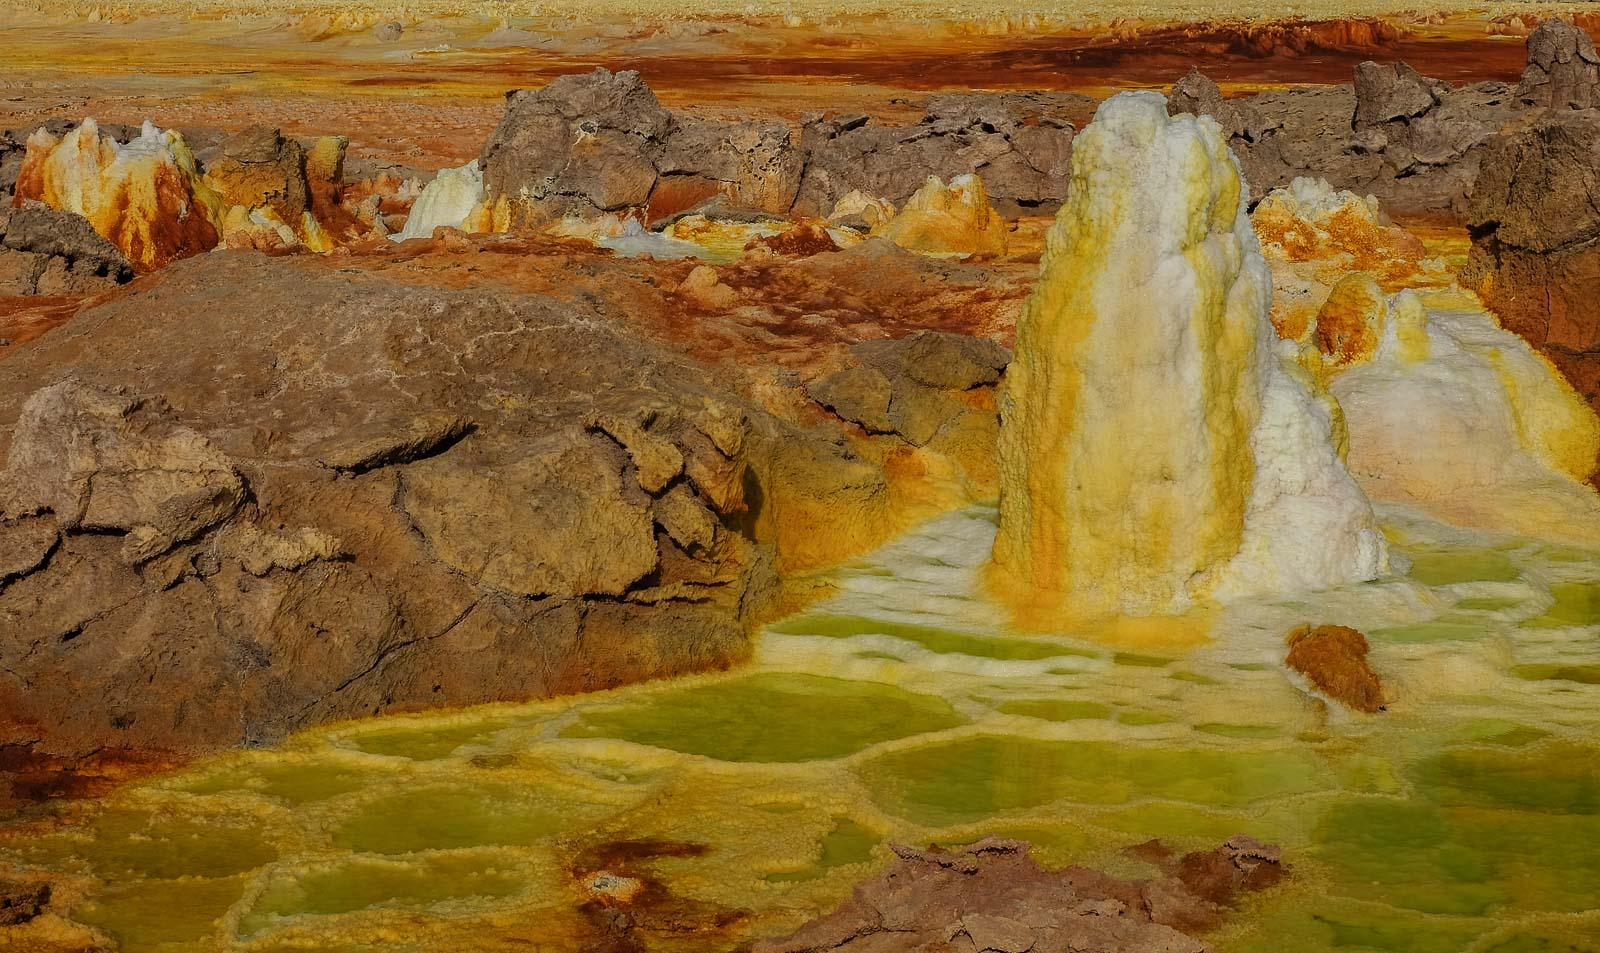 Les couleurs du sel, Danakil, Ethiopie 13